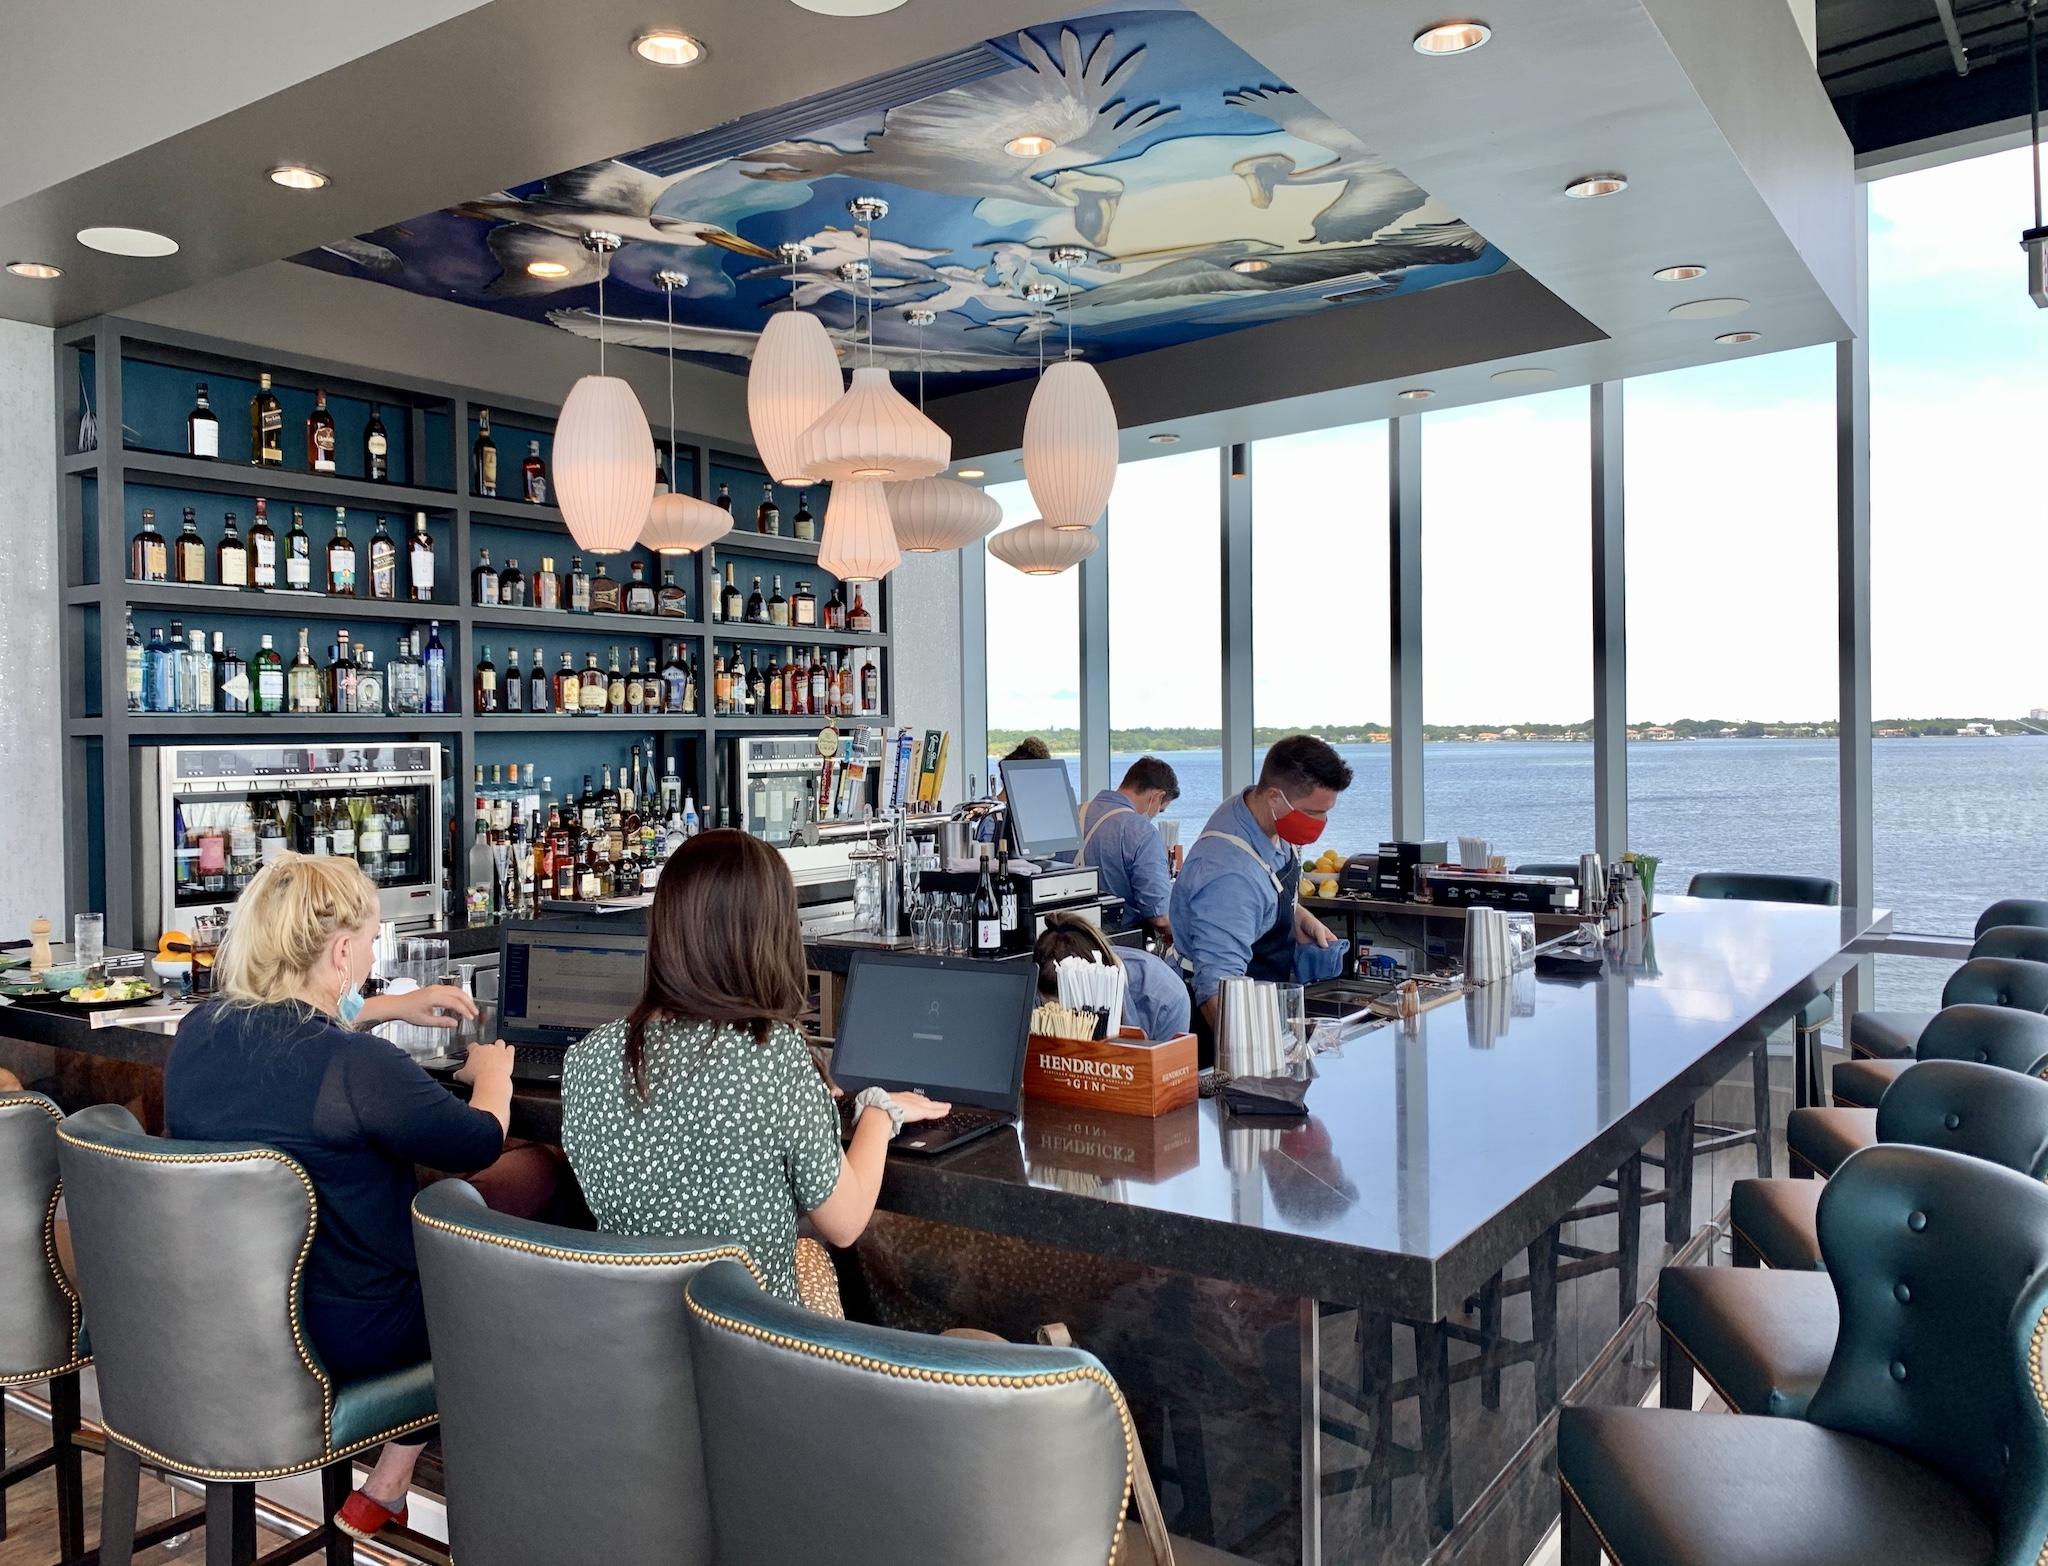 Teak Bar facing Tampa Bay's open waters.